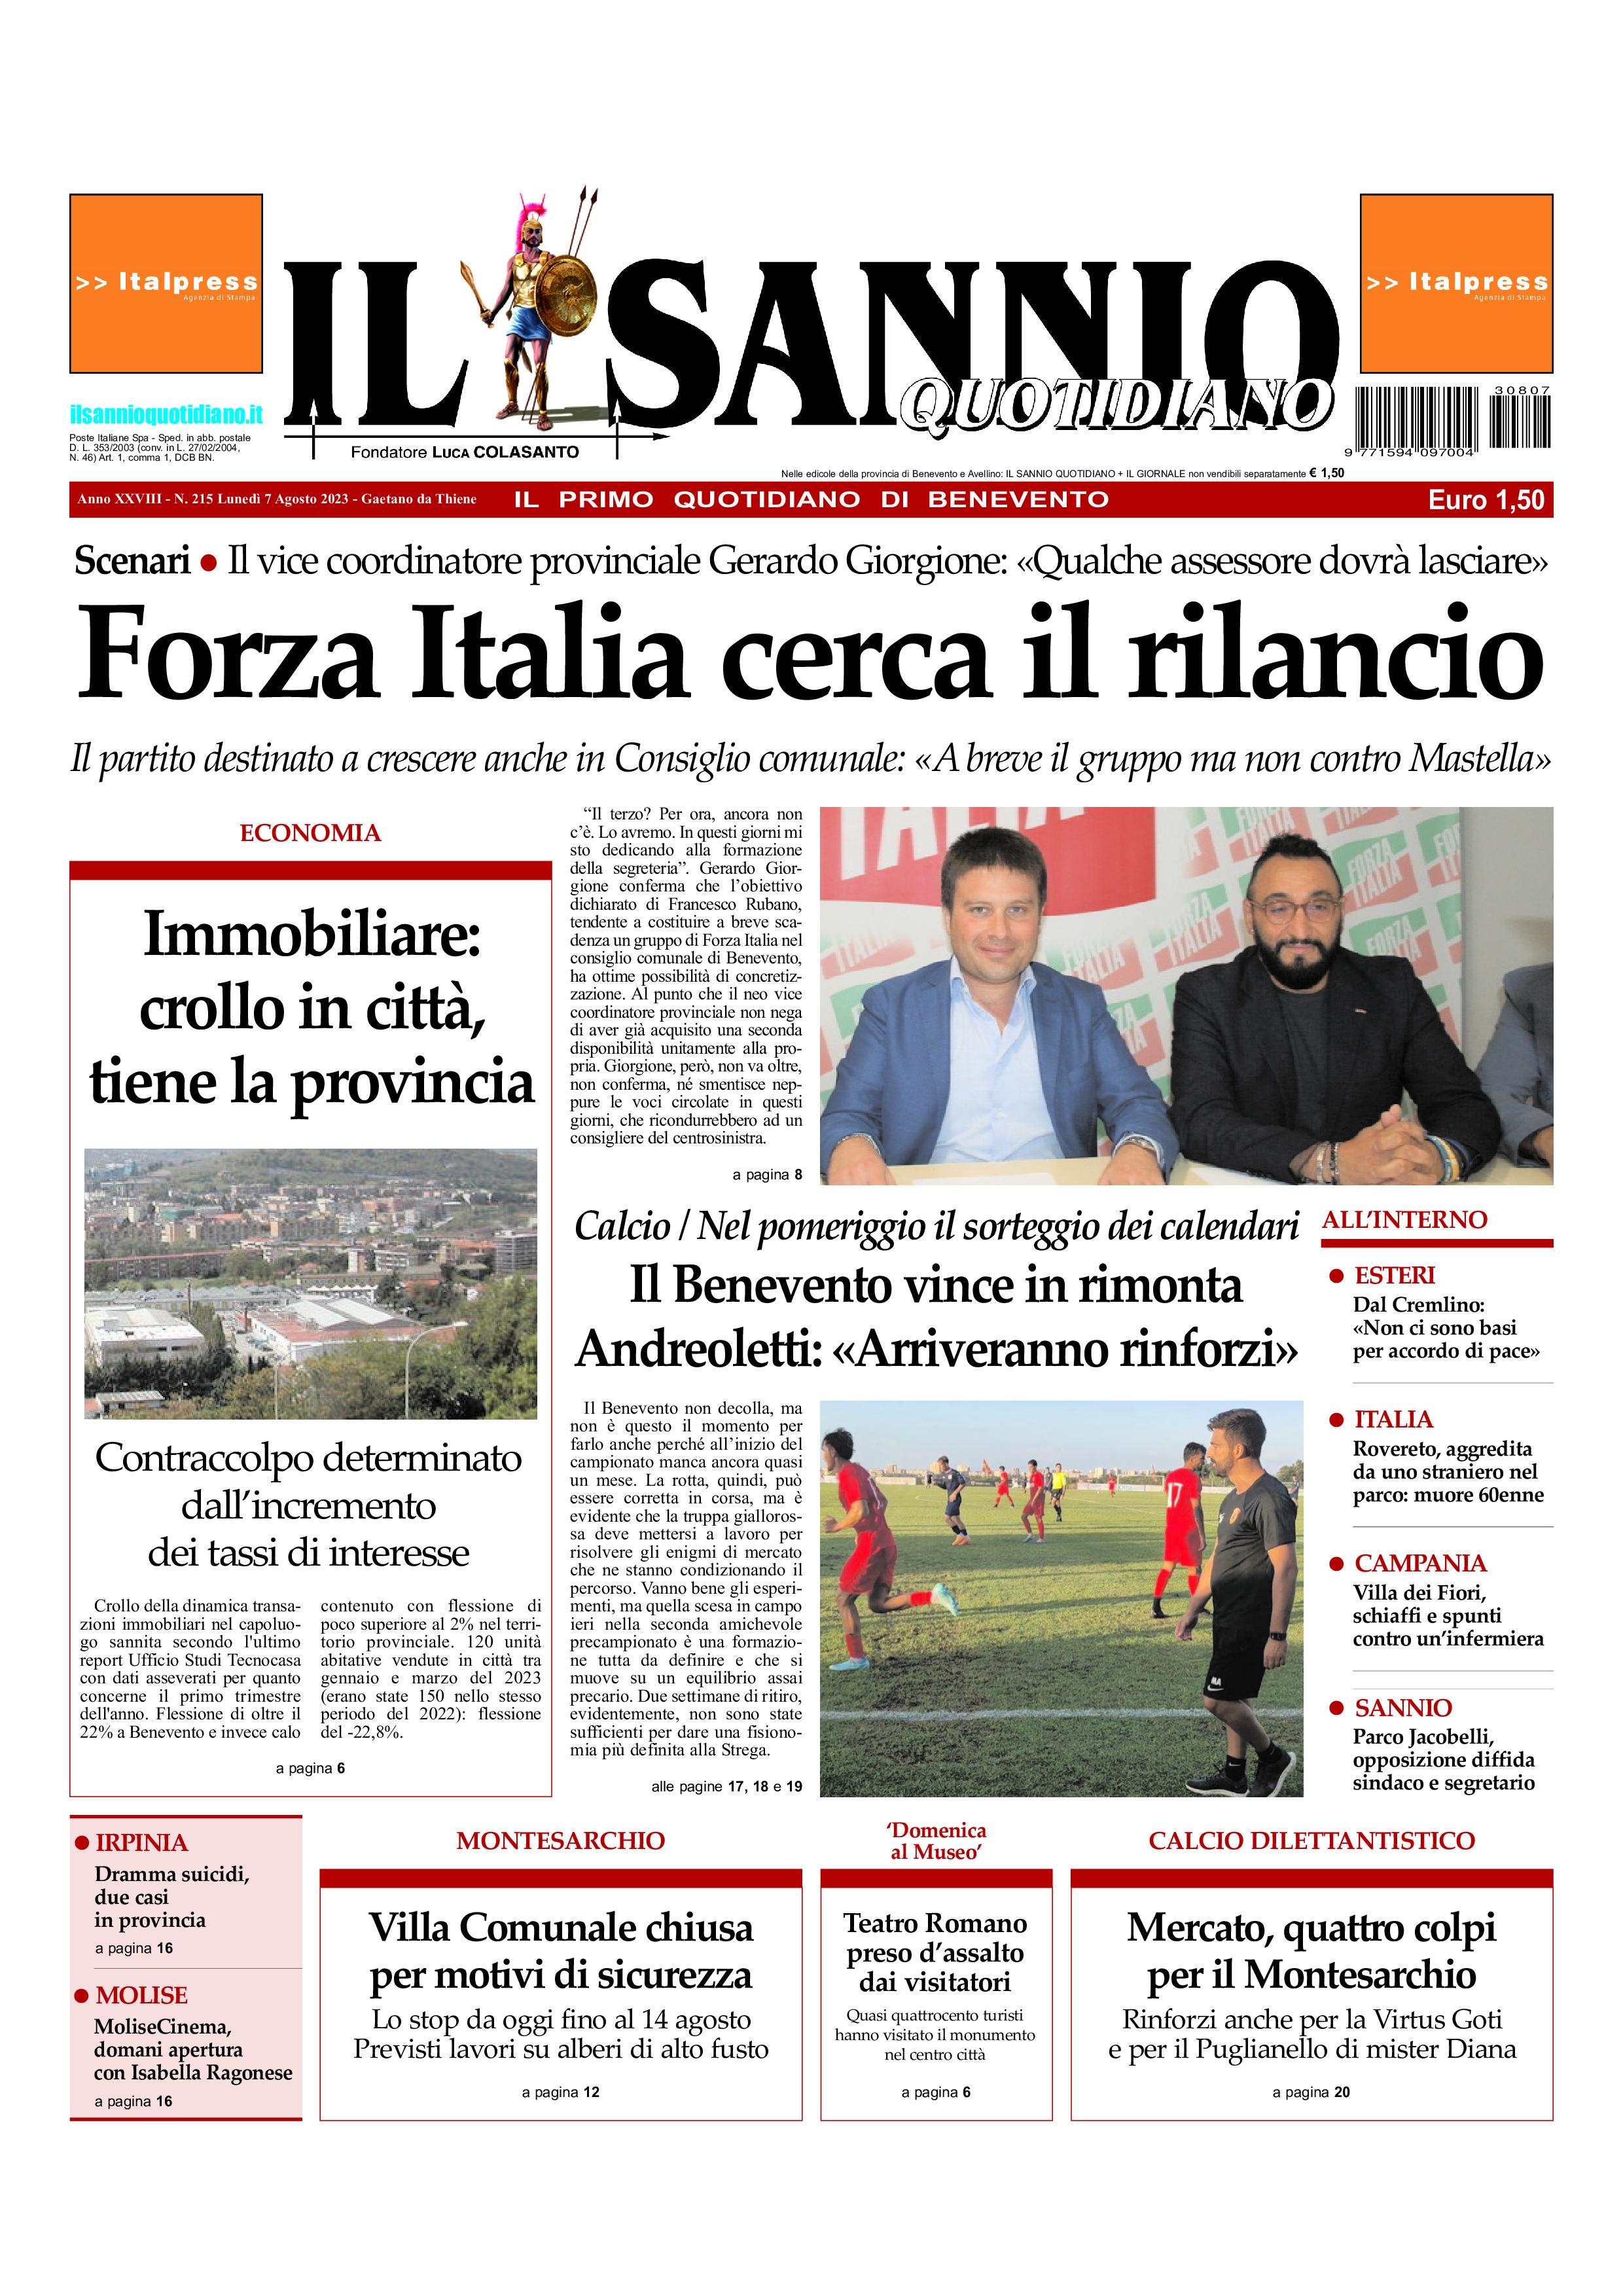 Il Sannio Quotidiano - Prima pagina